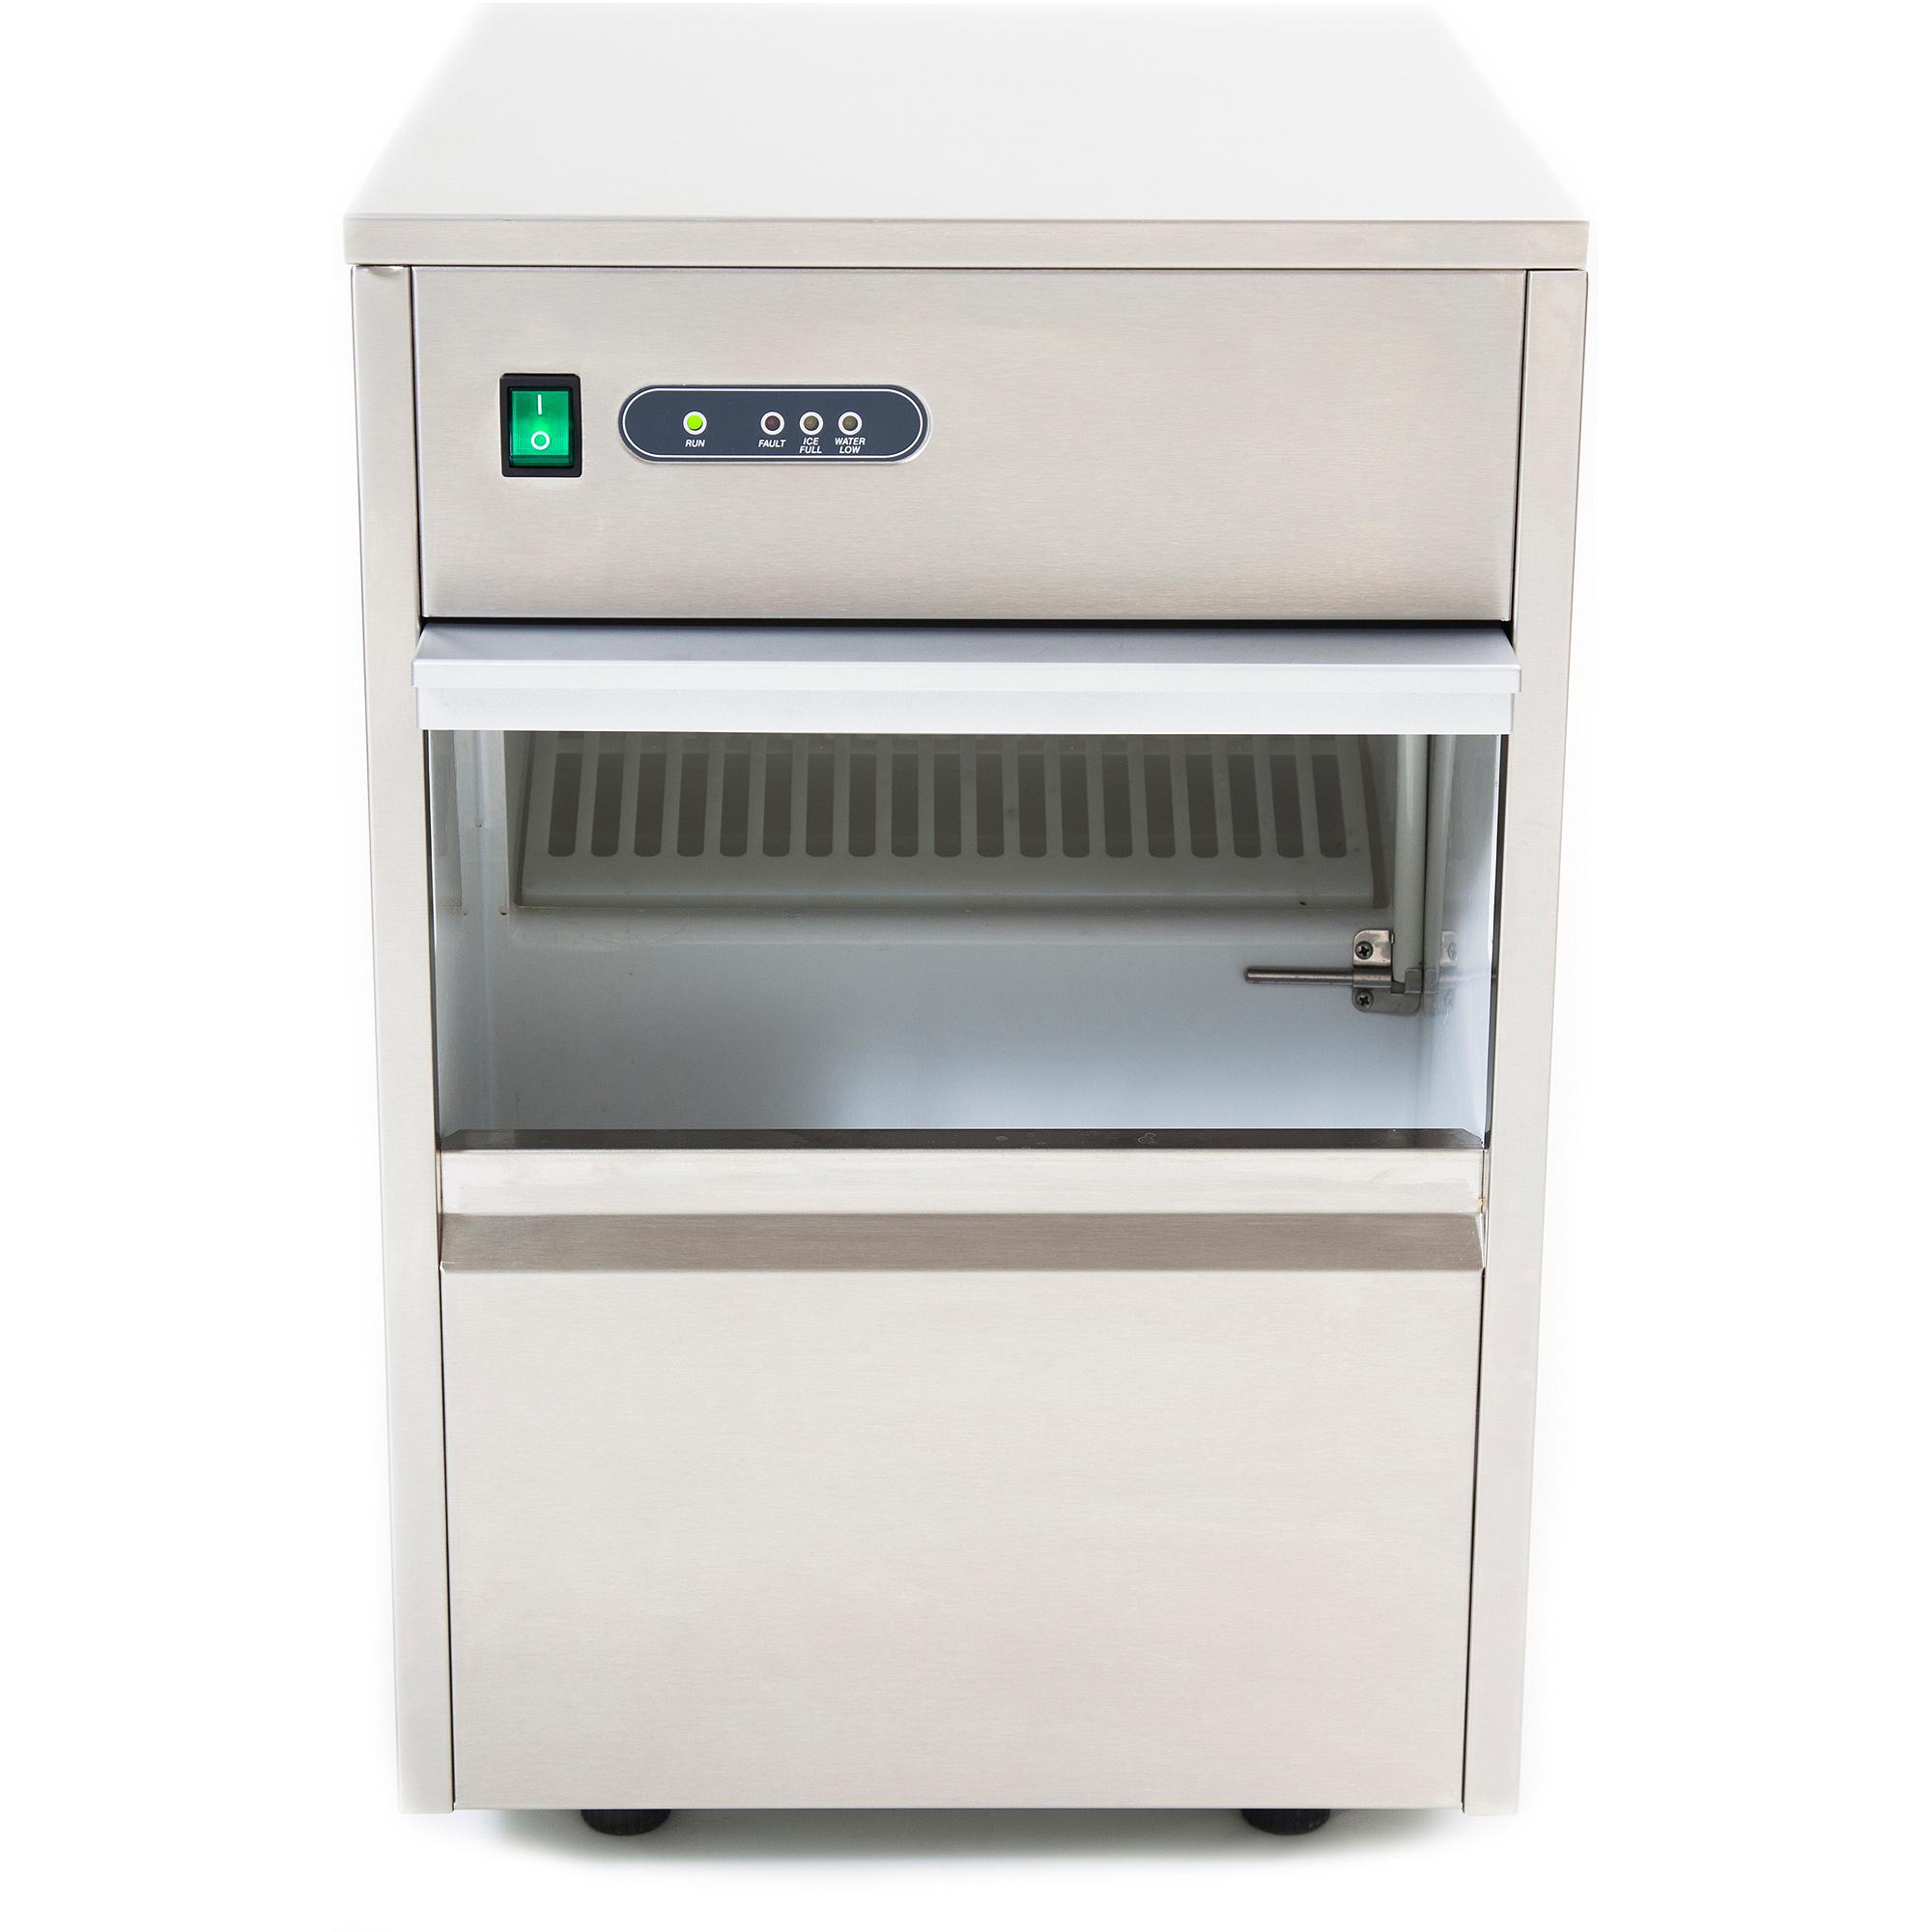 Whynter FIM-450HS Freestanding Ice Maker, 44 lb Capacity